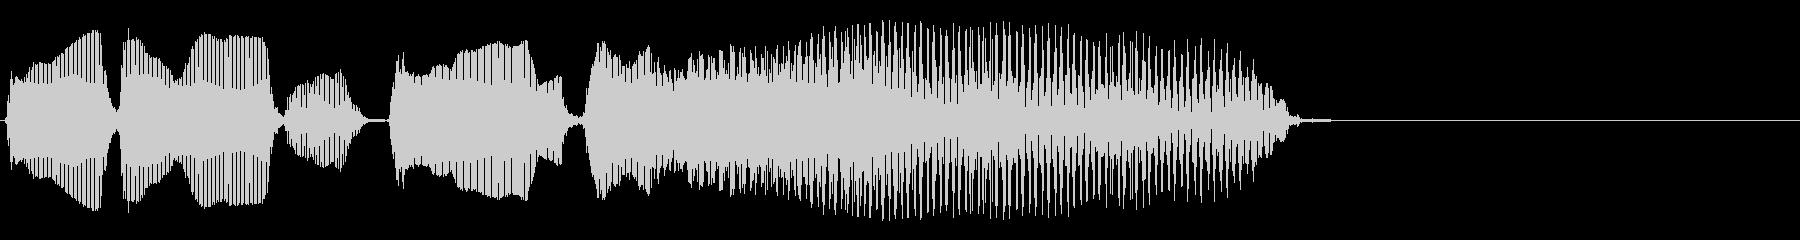 トランペット:GROWLY WAH...の未再生の波形